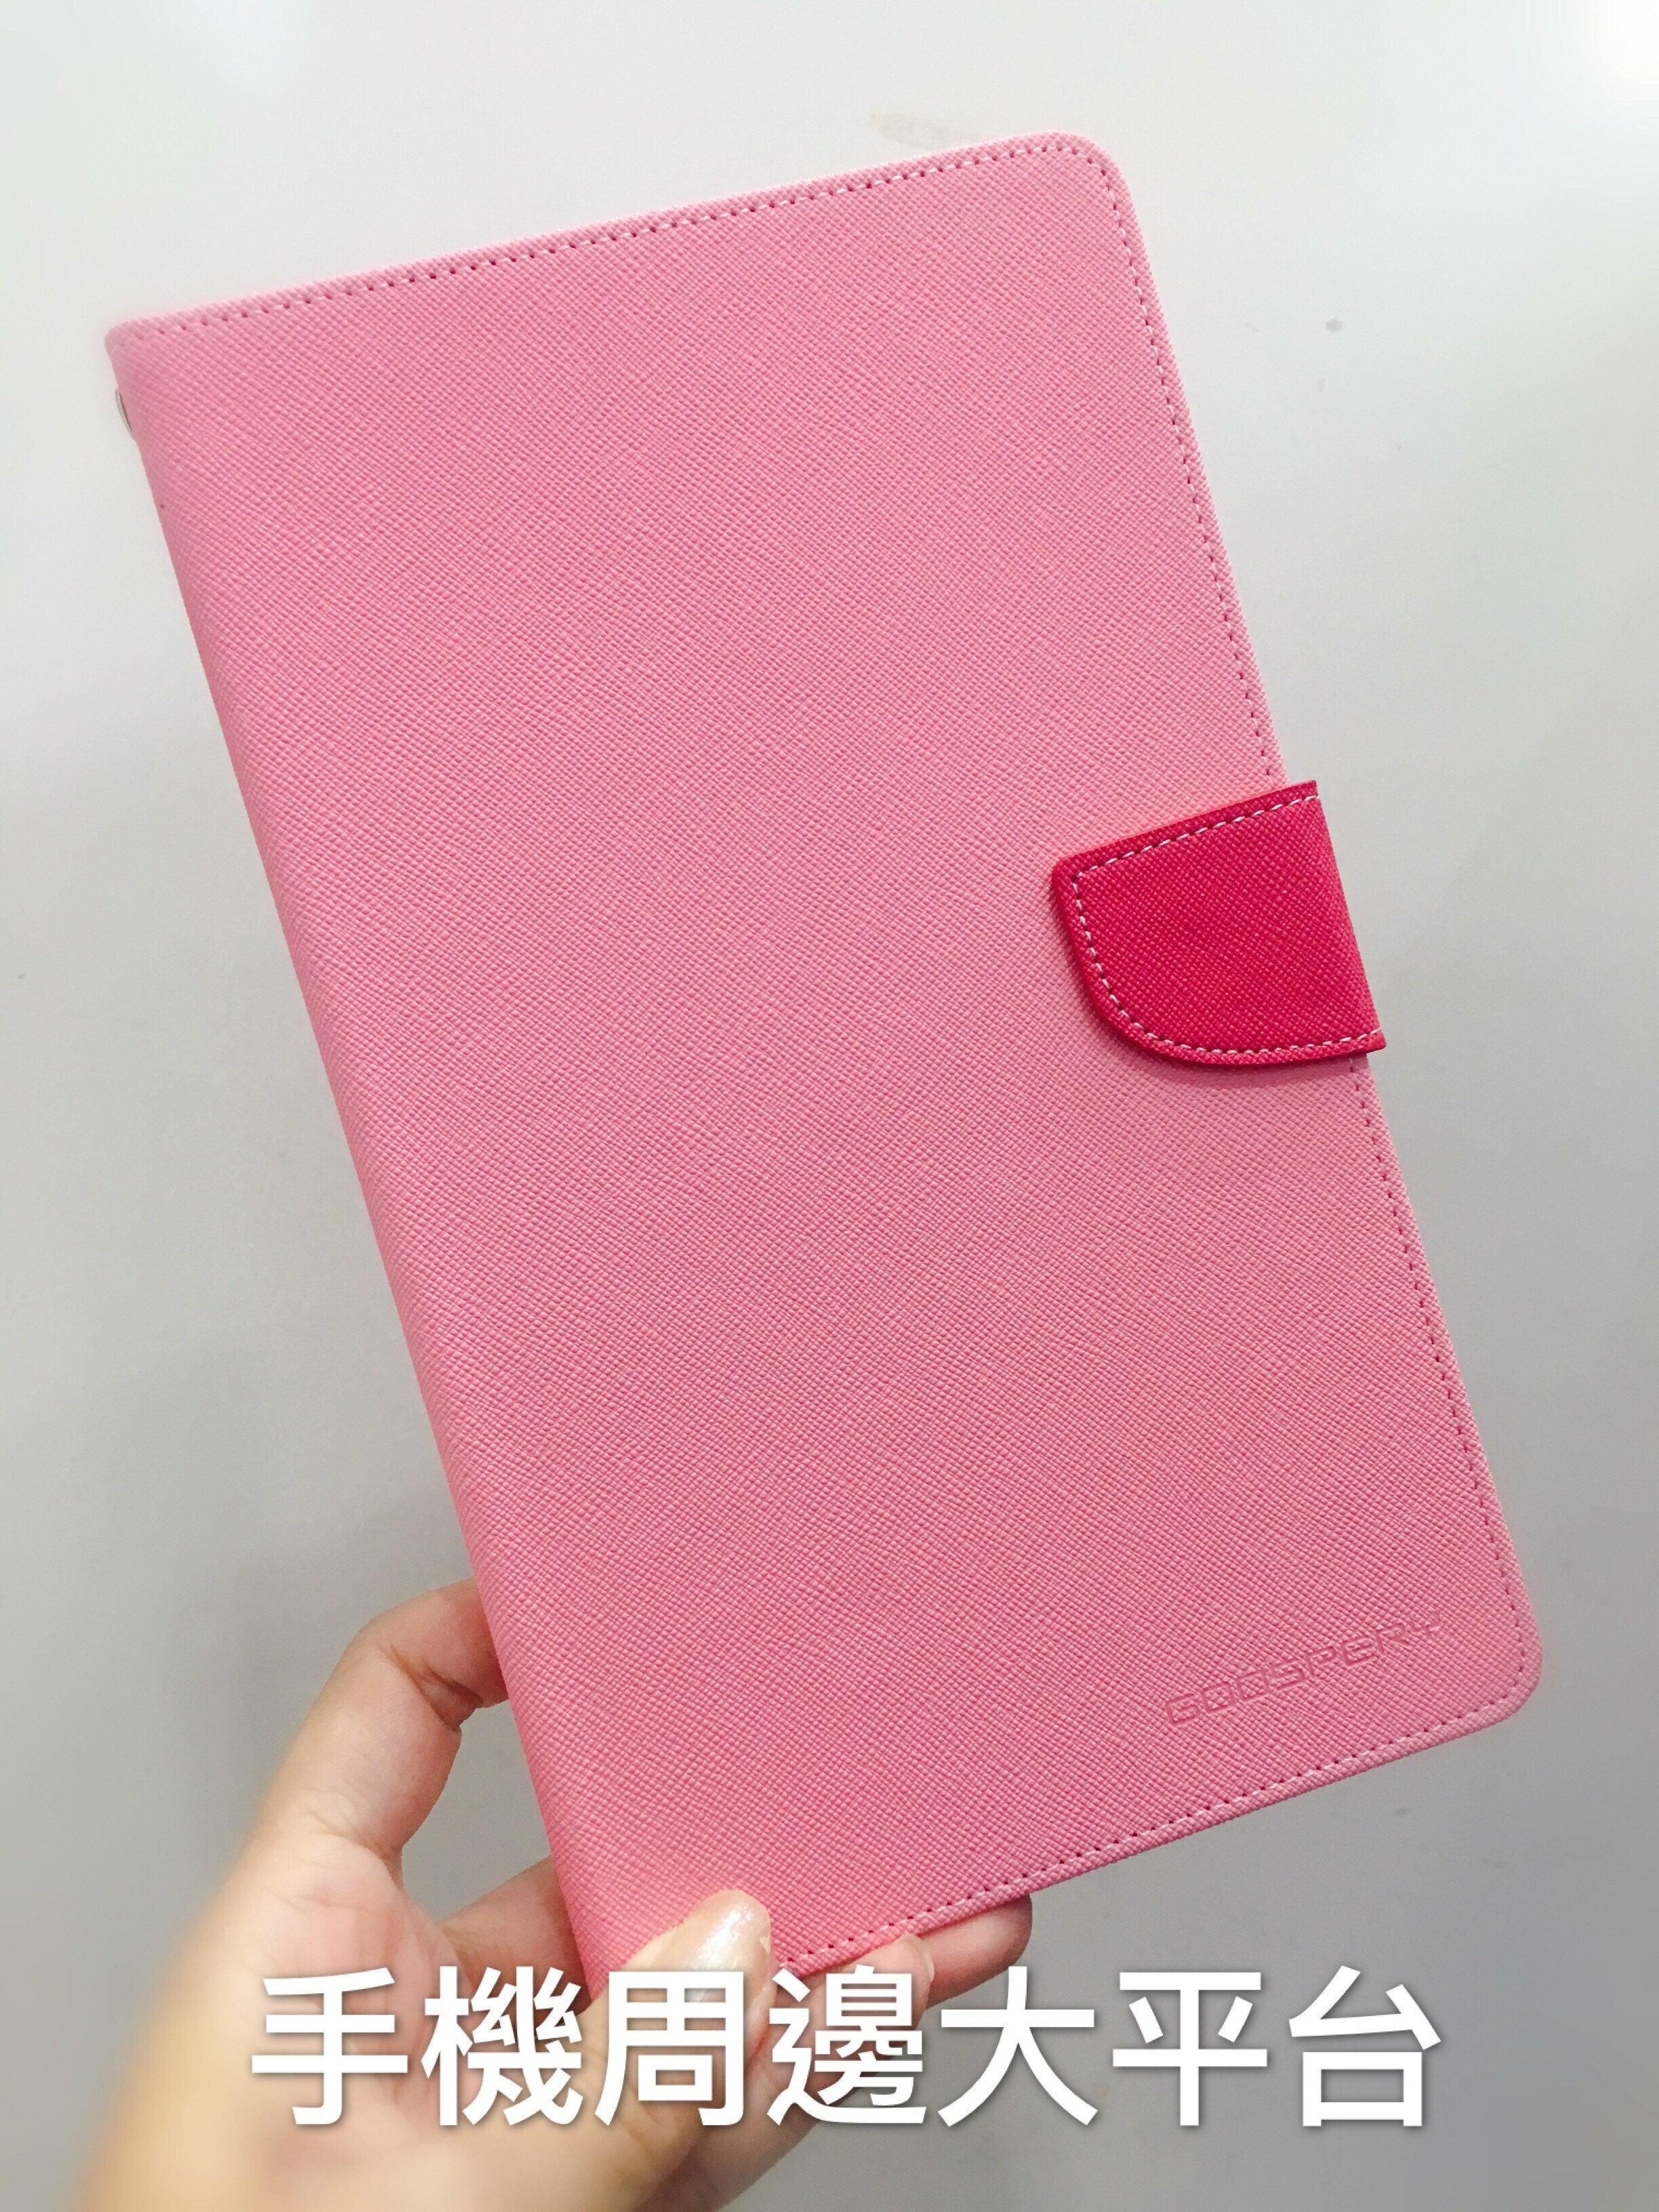 ~手機周邊大平台~  SM~T700 Samsung Tab 8.4 平板 保護殼 保護皮套 不補